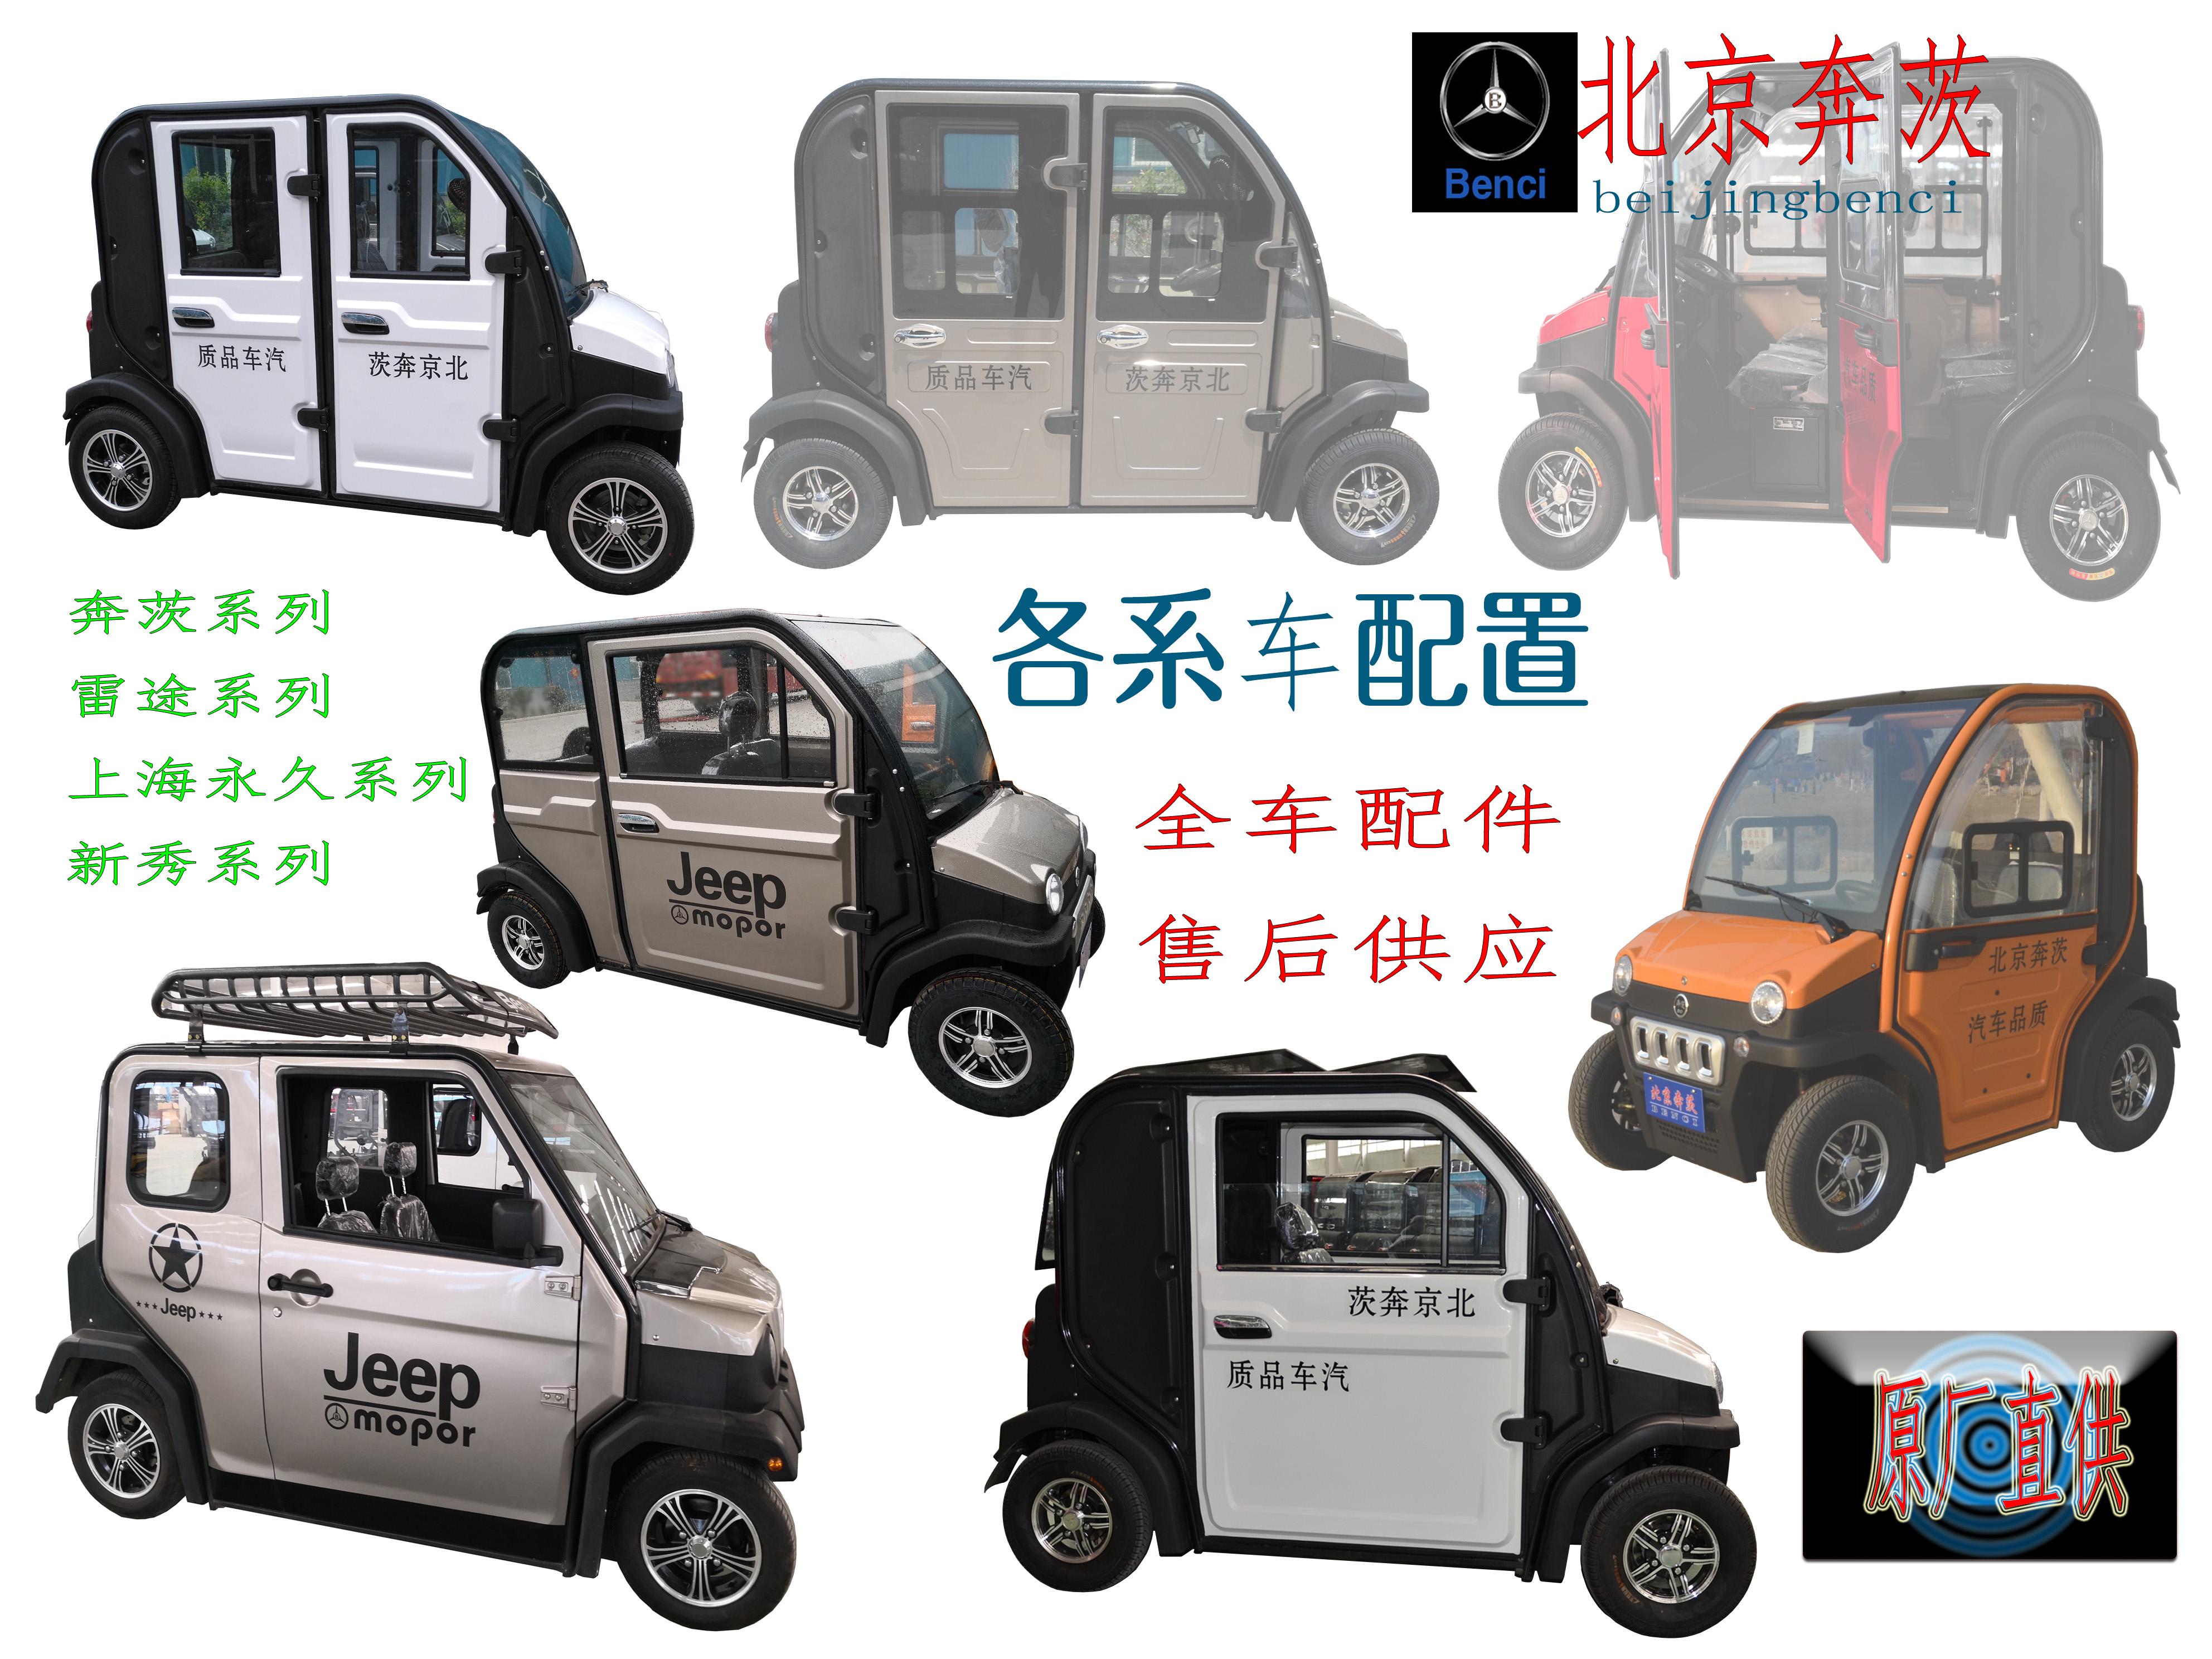 New Bắc Kinh Benz điện bốn bánh phần phụ tùng xe hơi vỏ bộ phận nhựa sau bán hàng nhà máy cung cấp trực tiếp